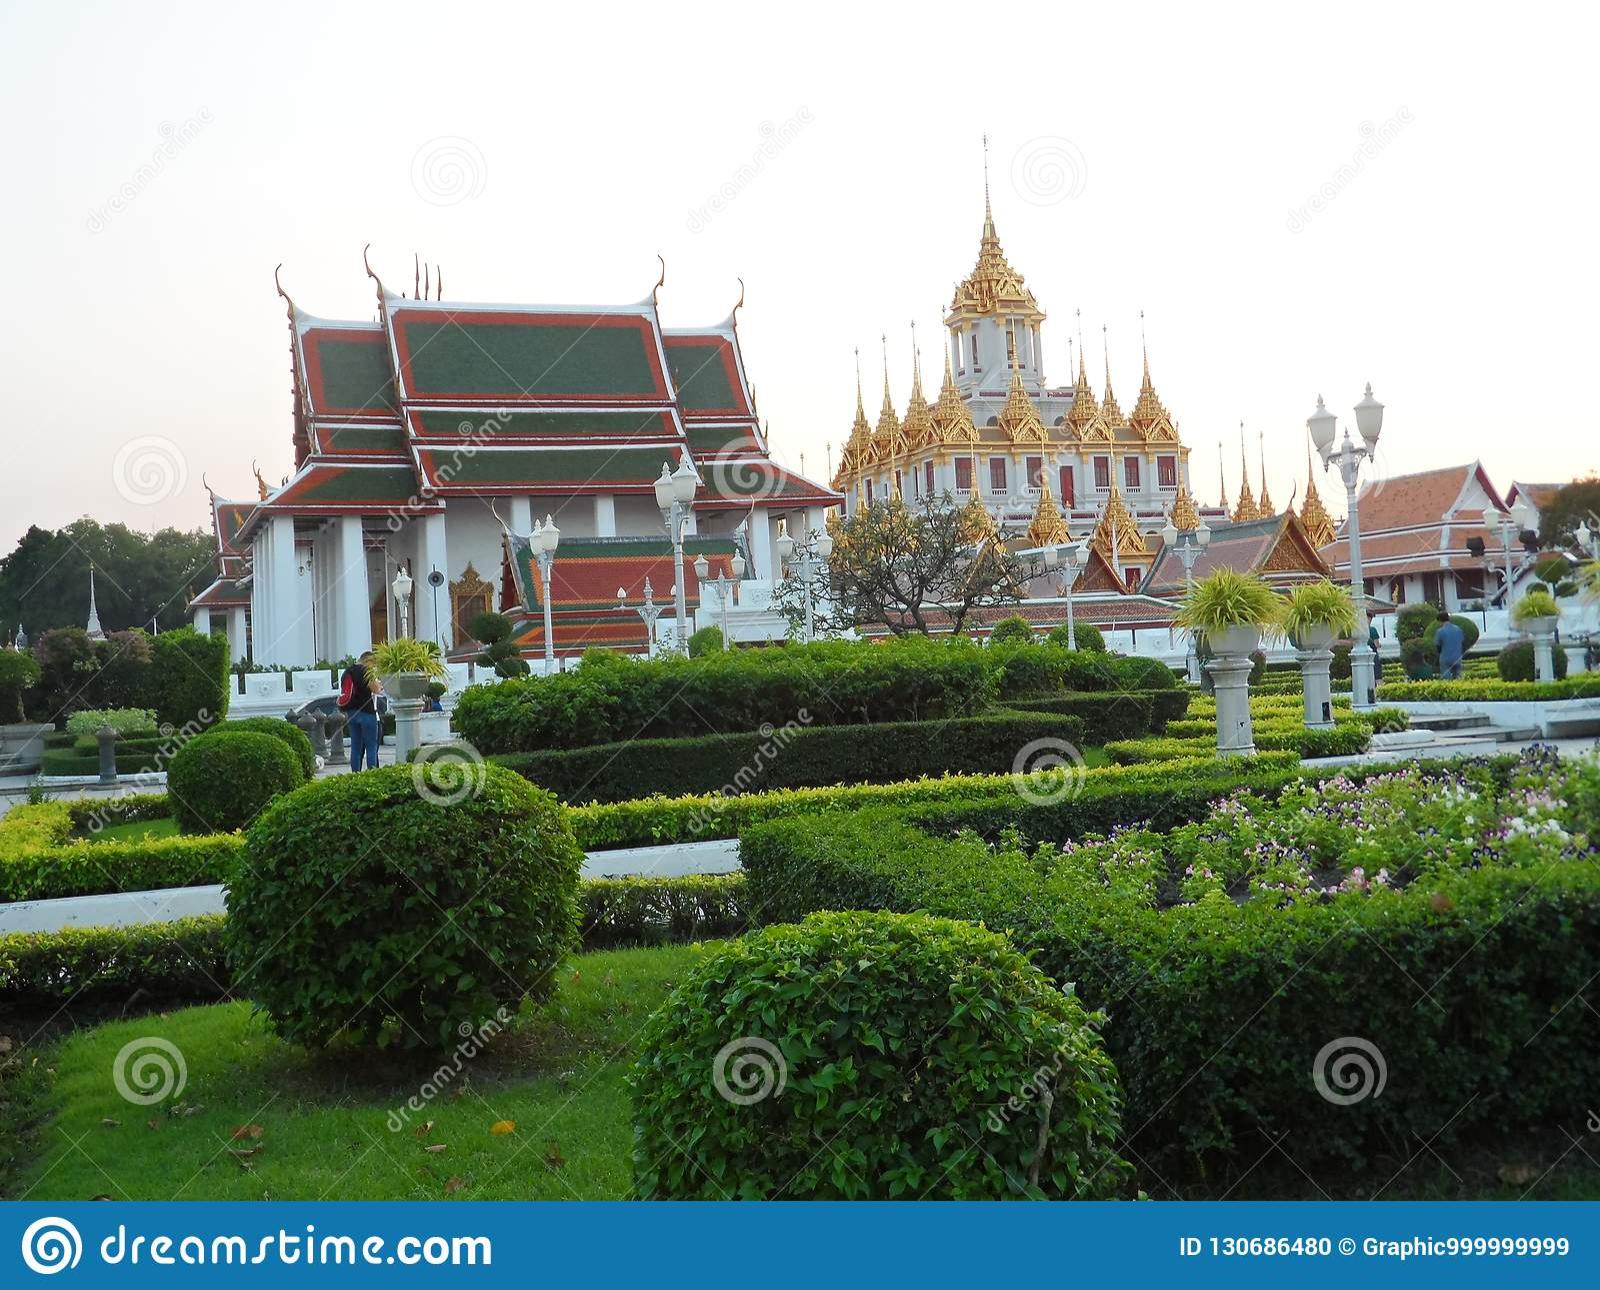 Фото парка сада в Бангкоке, Таиланде там много интересных тайцы и иностранных туристов мест и Придите ослабить и принять p